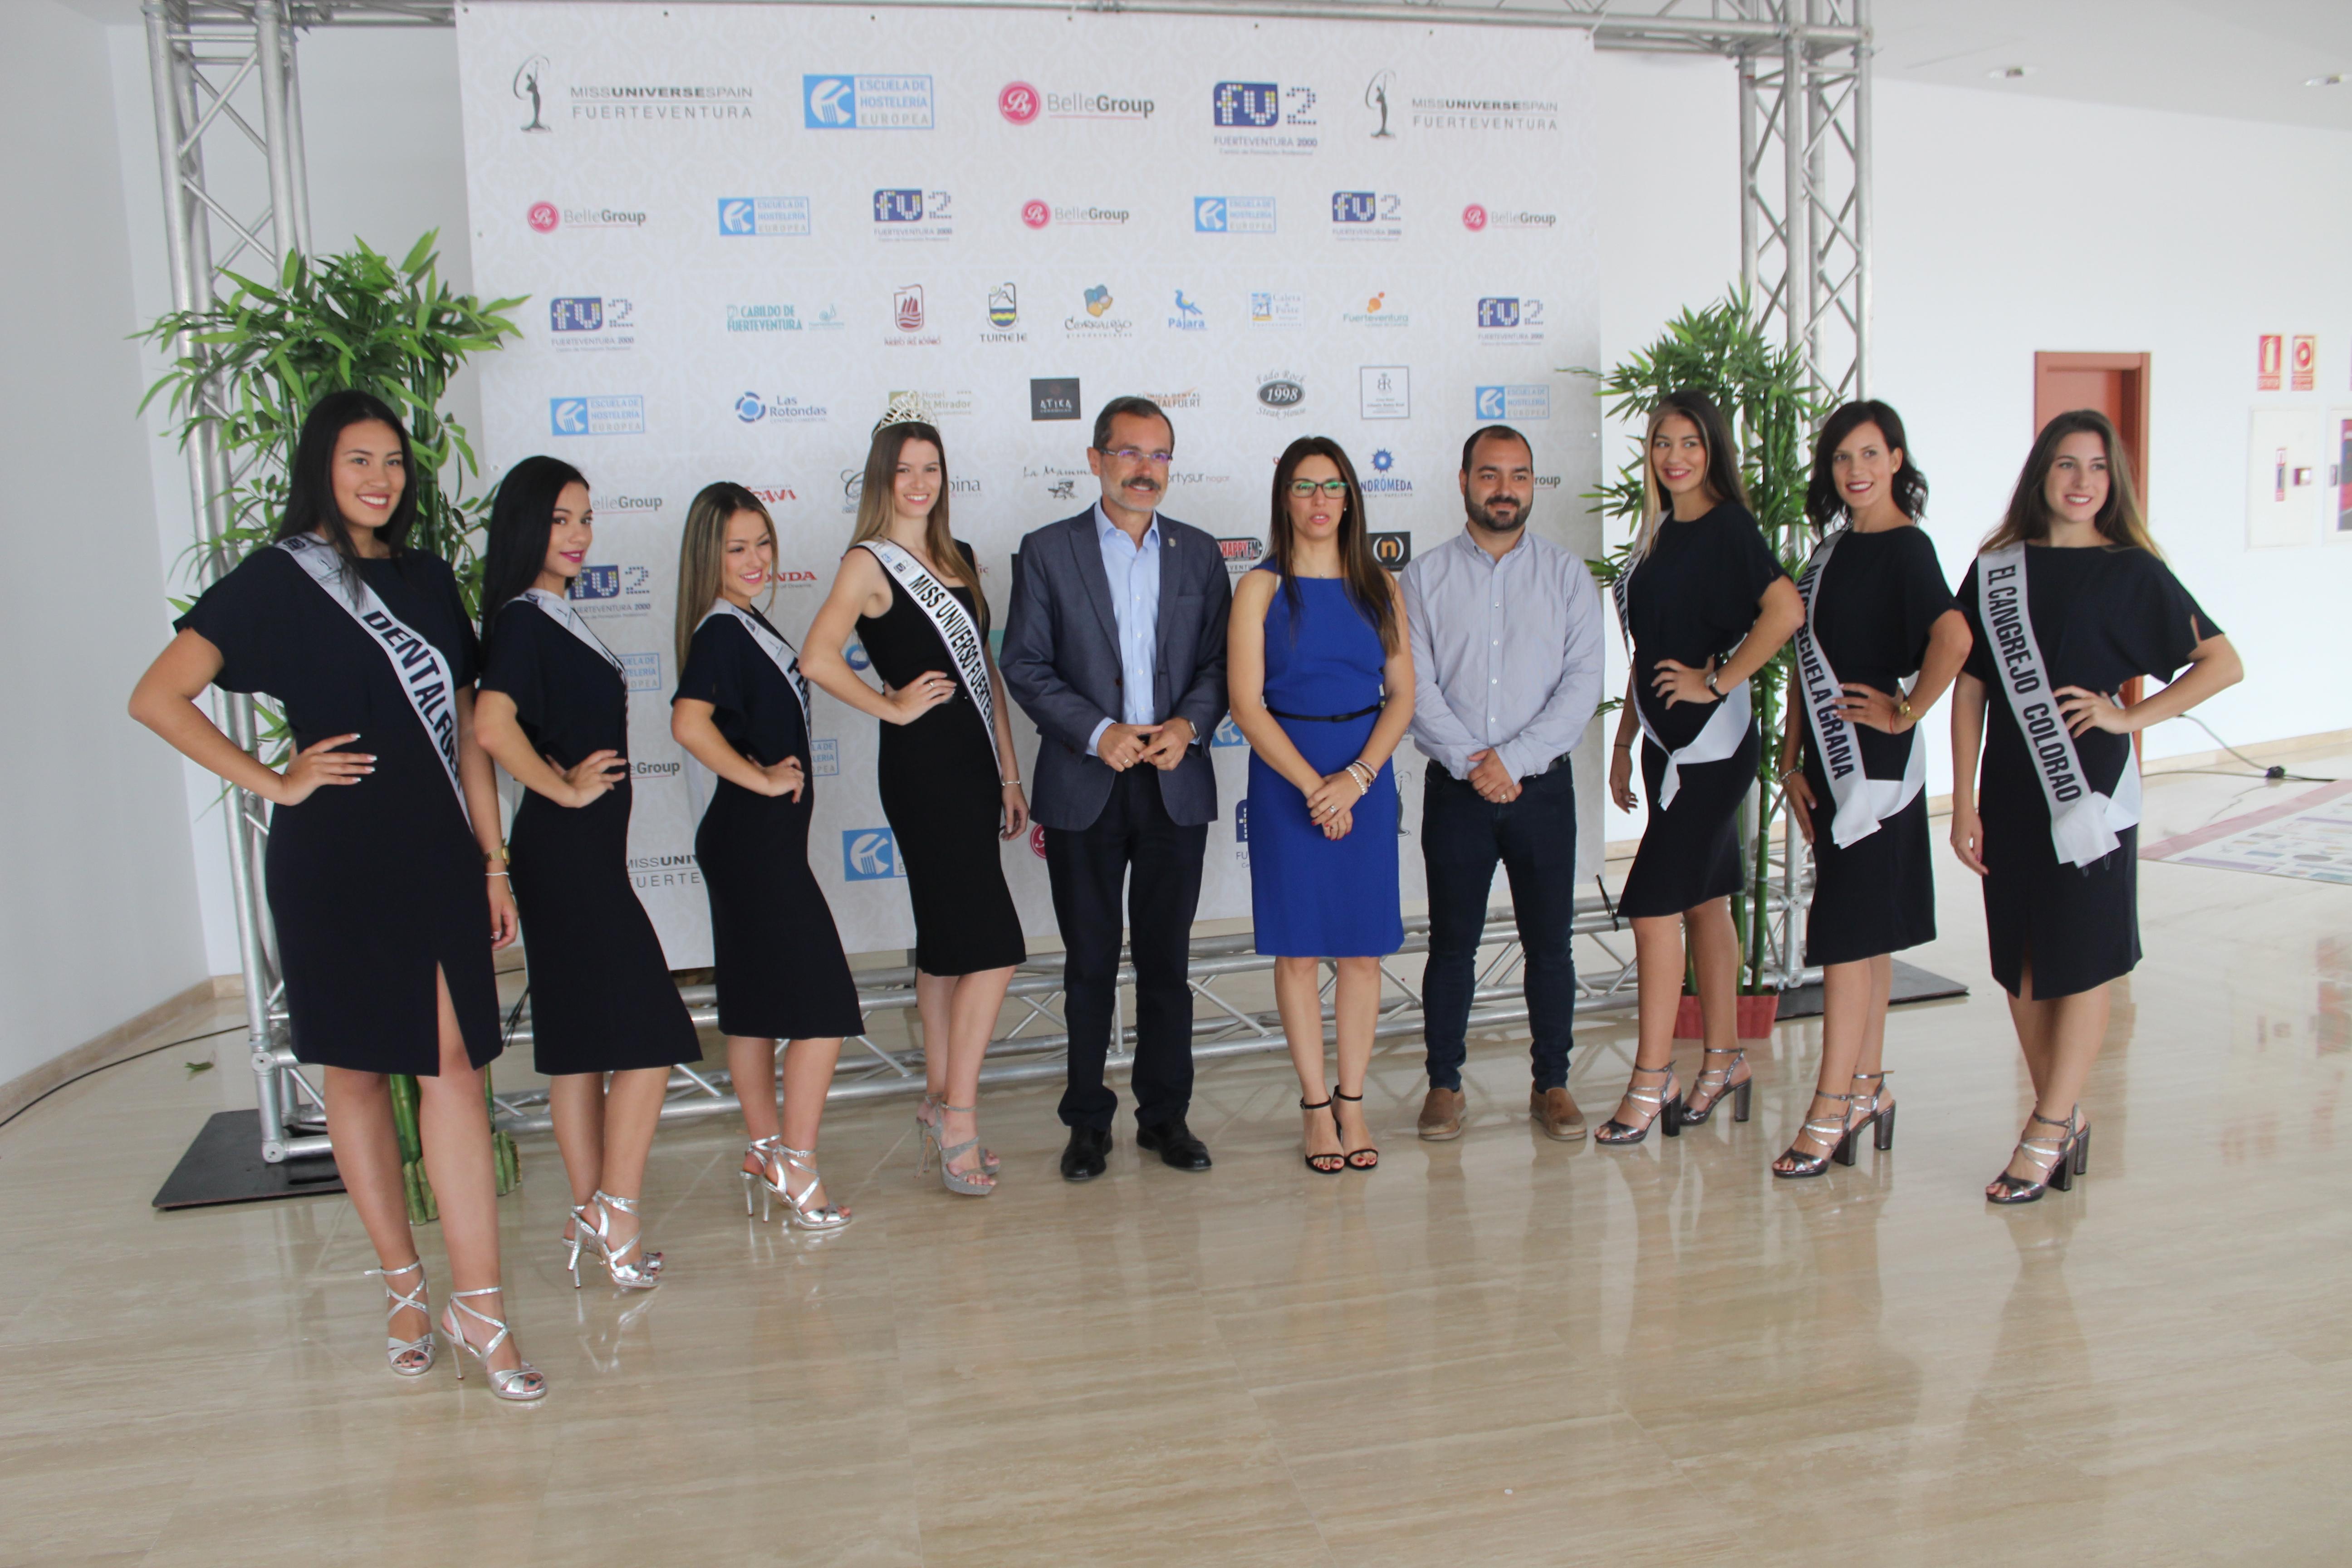 La gala Miss Universo Fuerteventura se celebra este domingo en el Auditorio de Puerto del Rosario